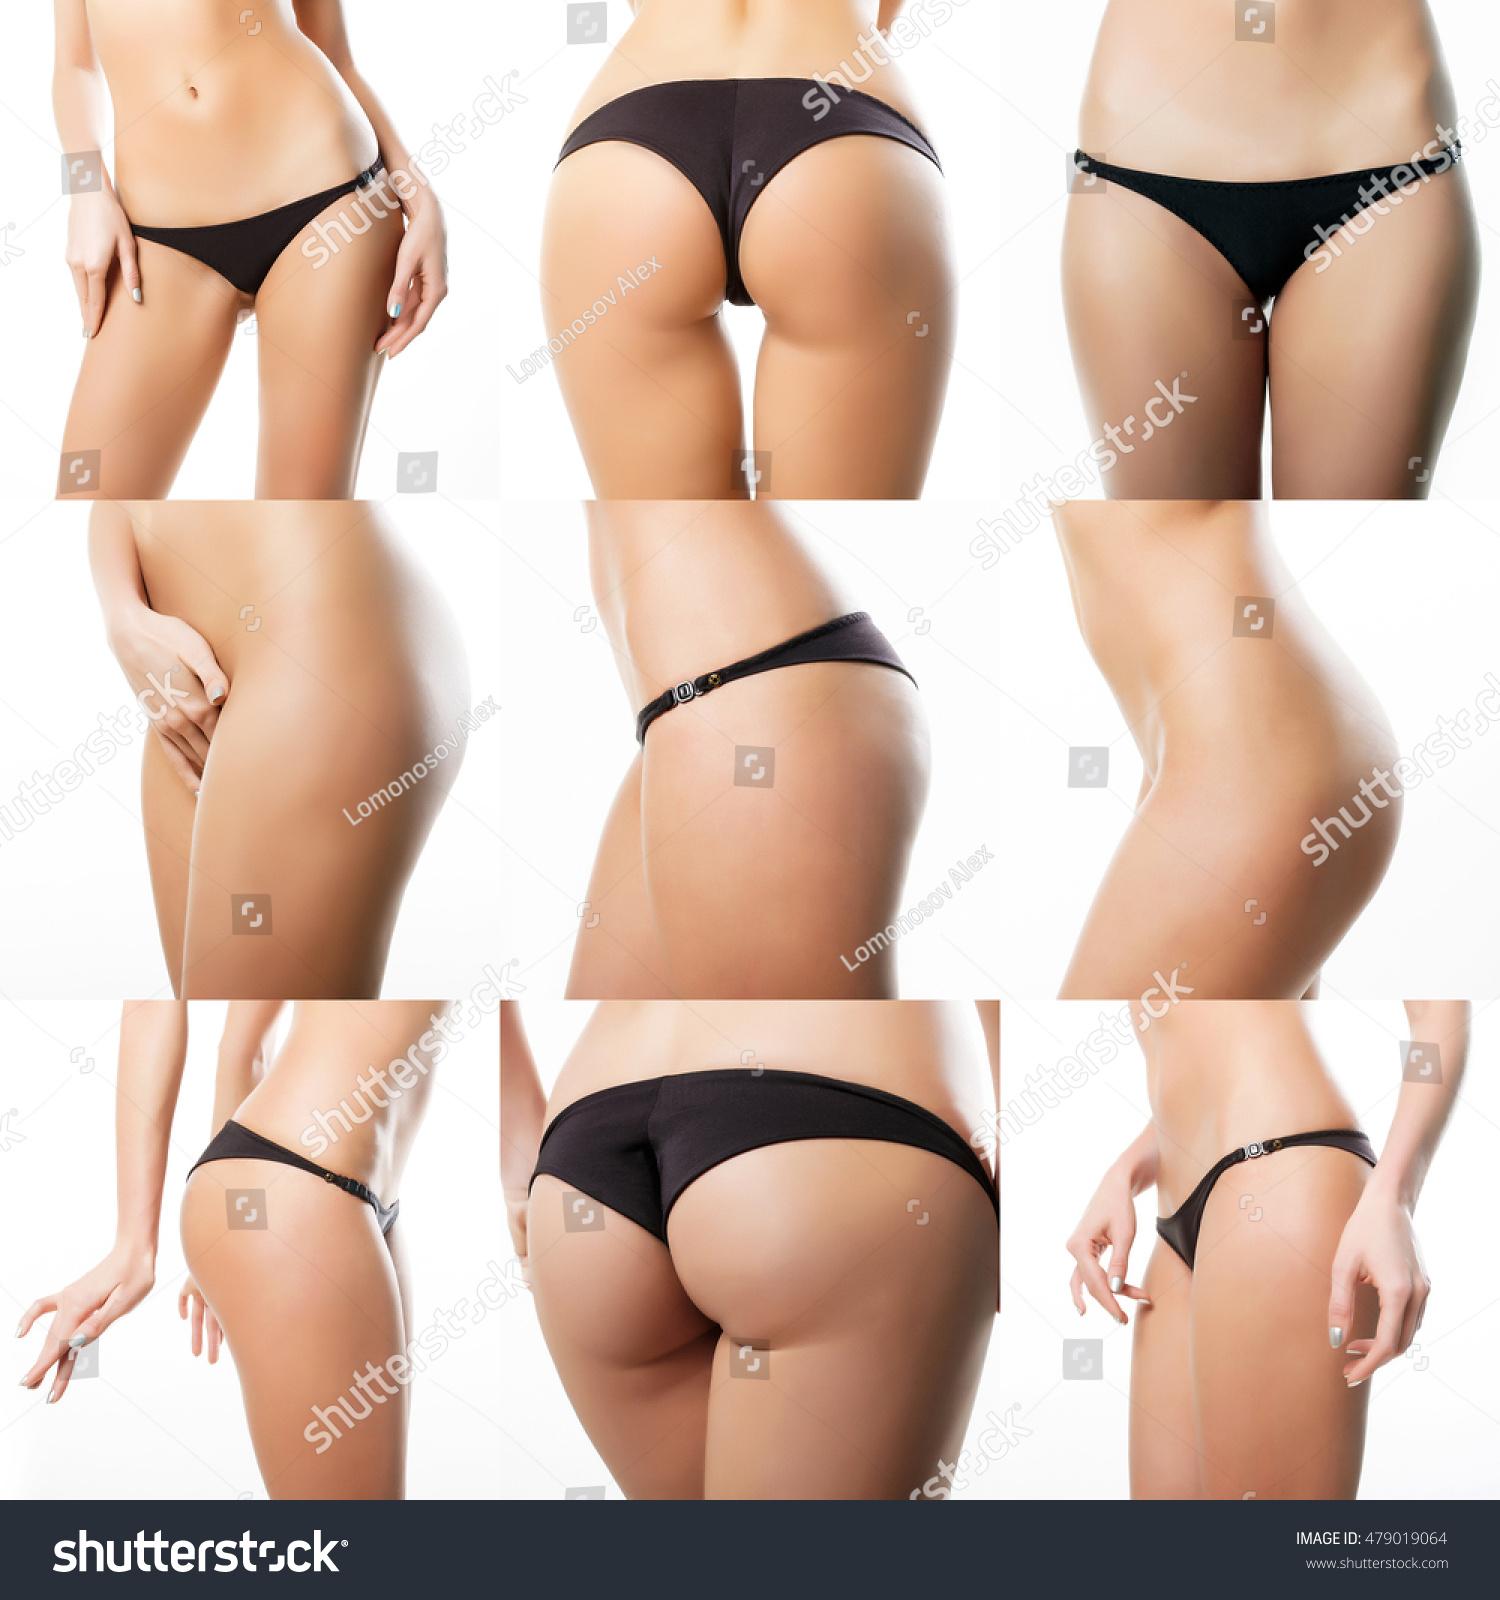 Beautiful nude buttocks